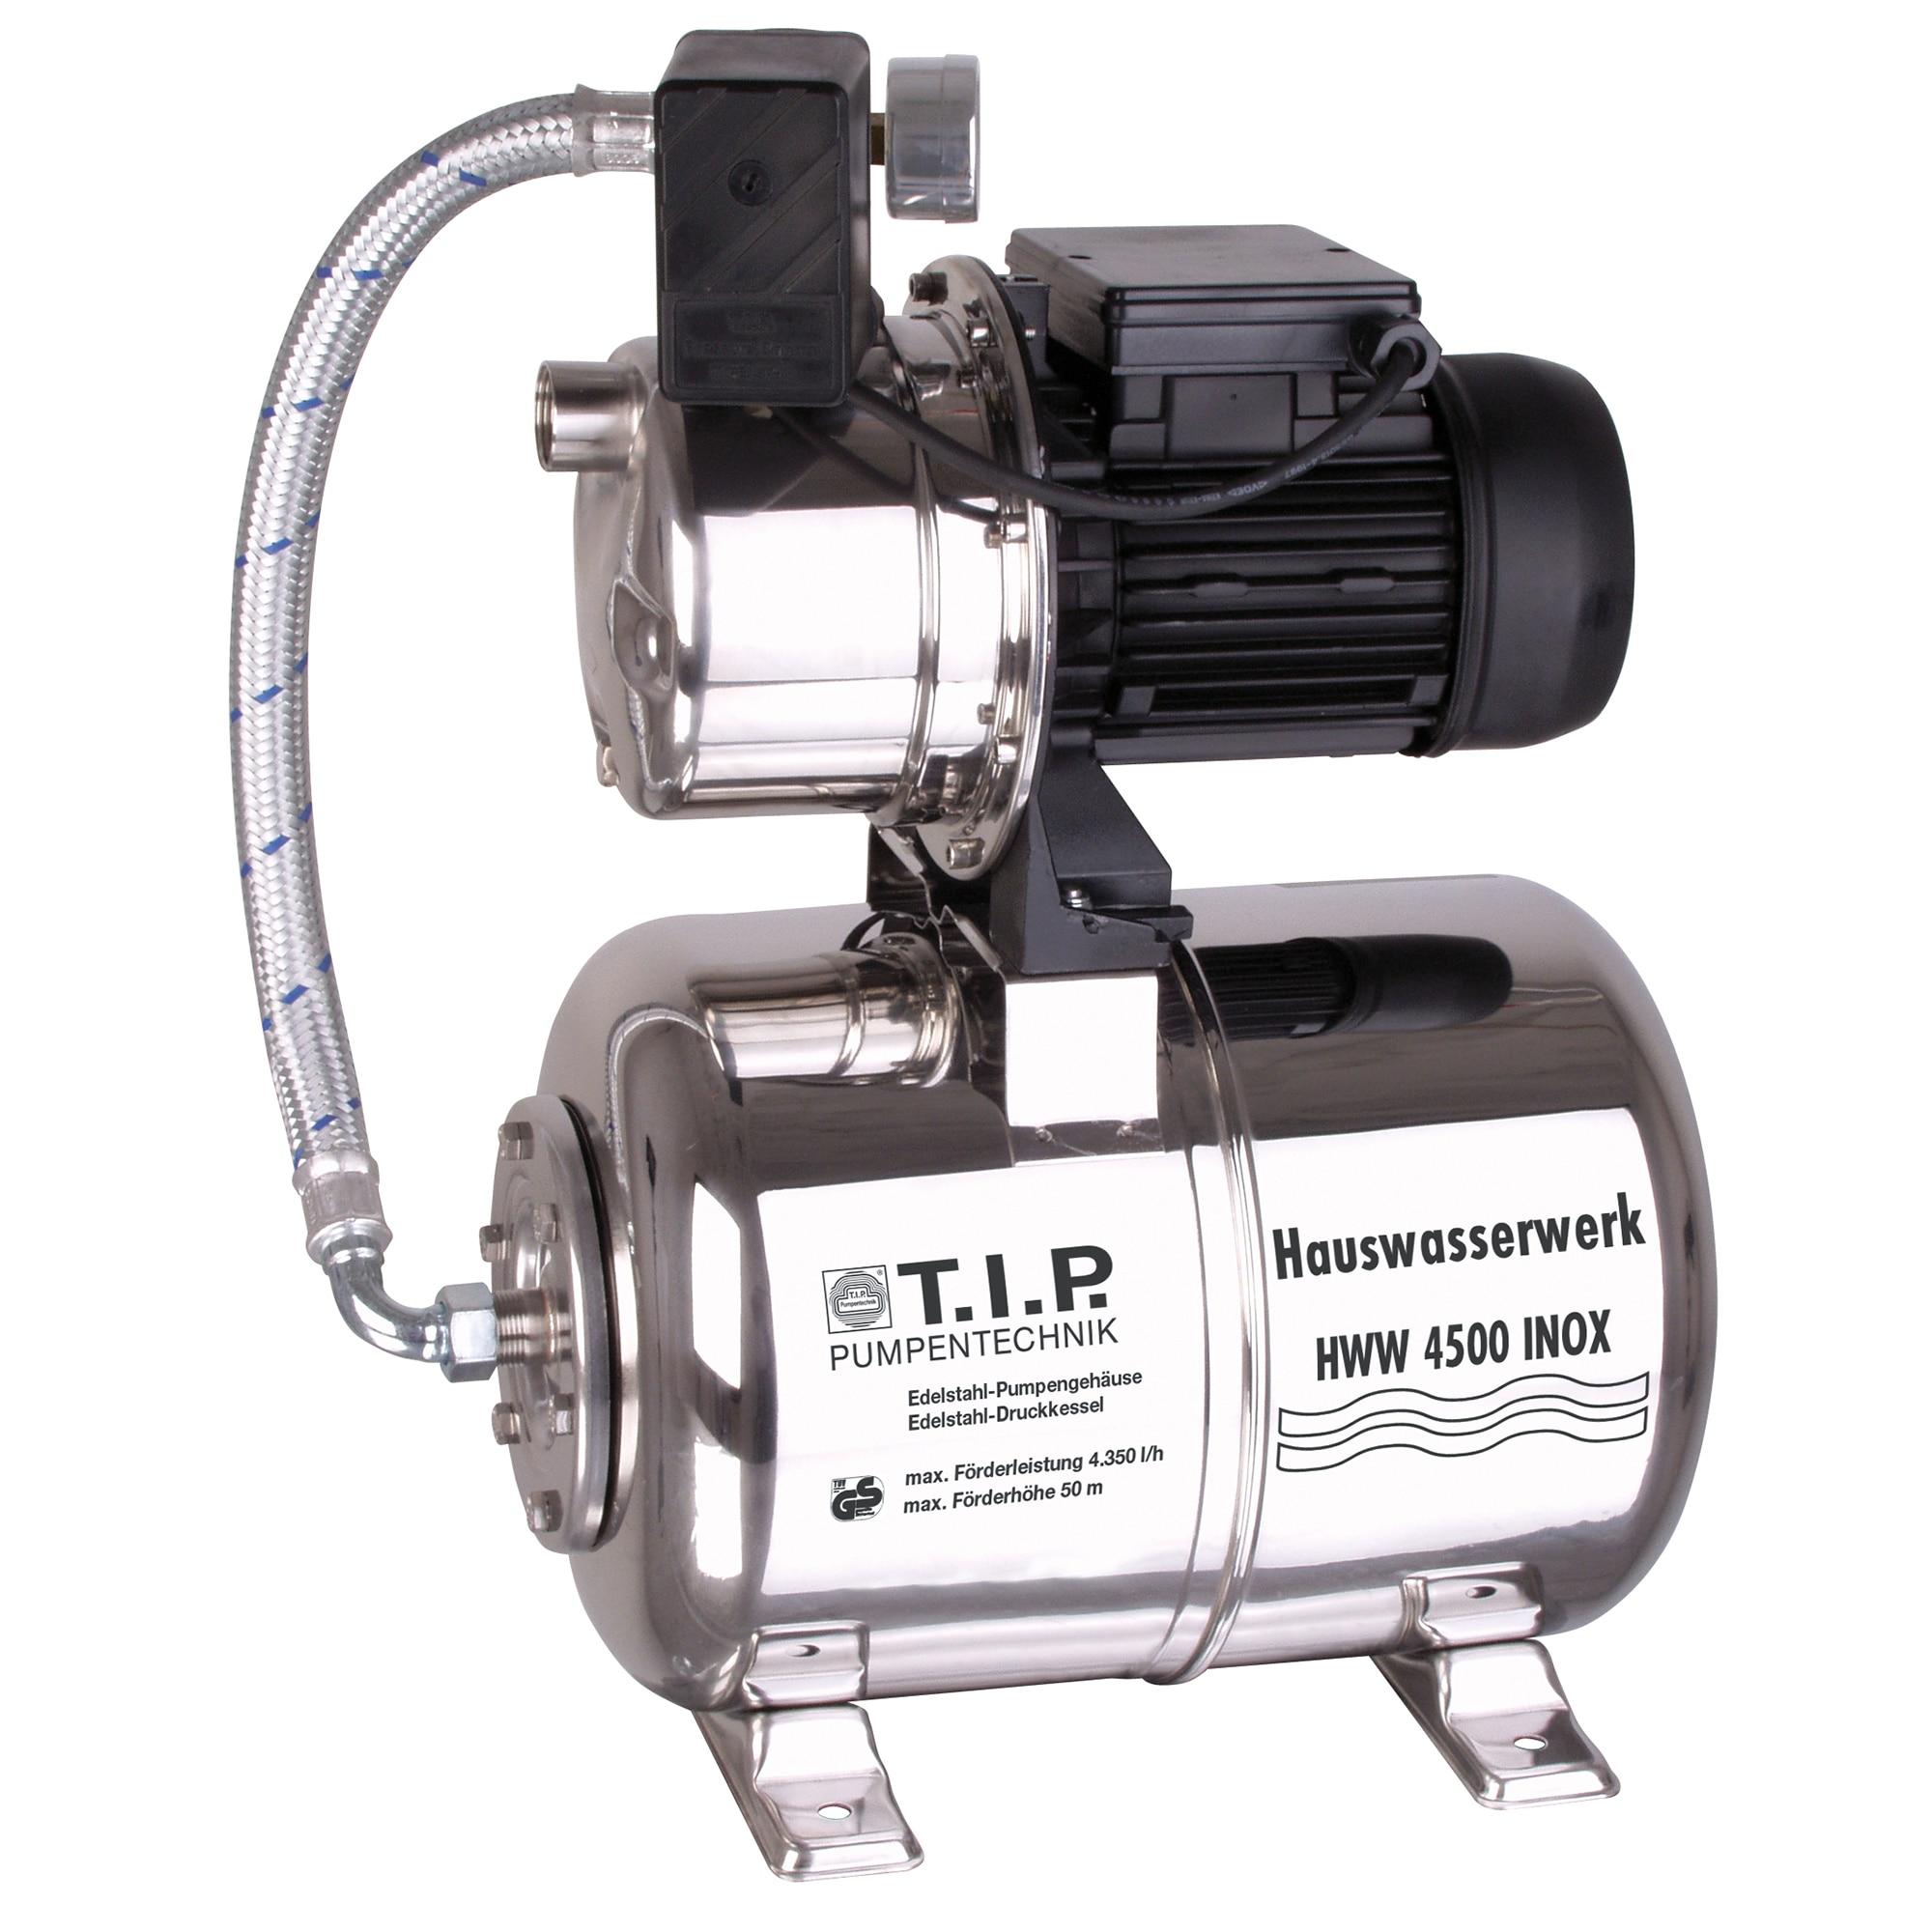 Fotografie Hidrofor T.I.P.Special HWW 4500 Inox, 1200W, debit max. 4350l/h, 5 bar